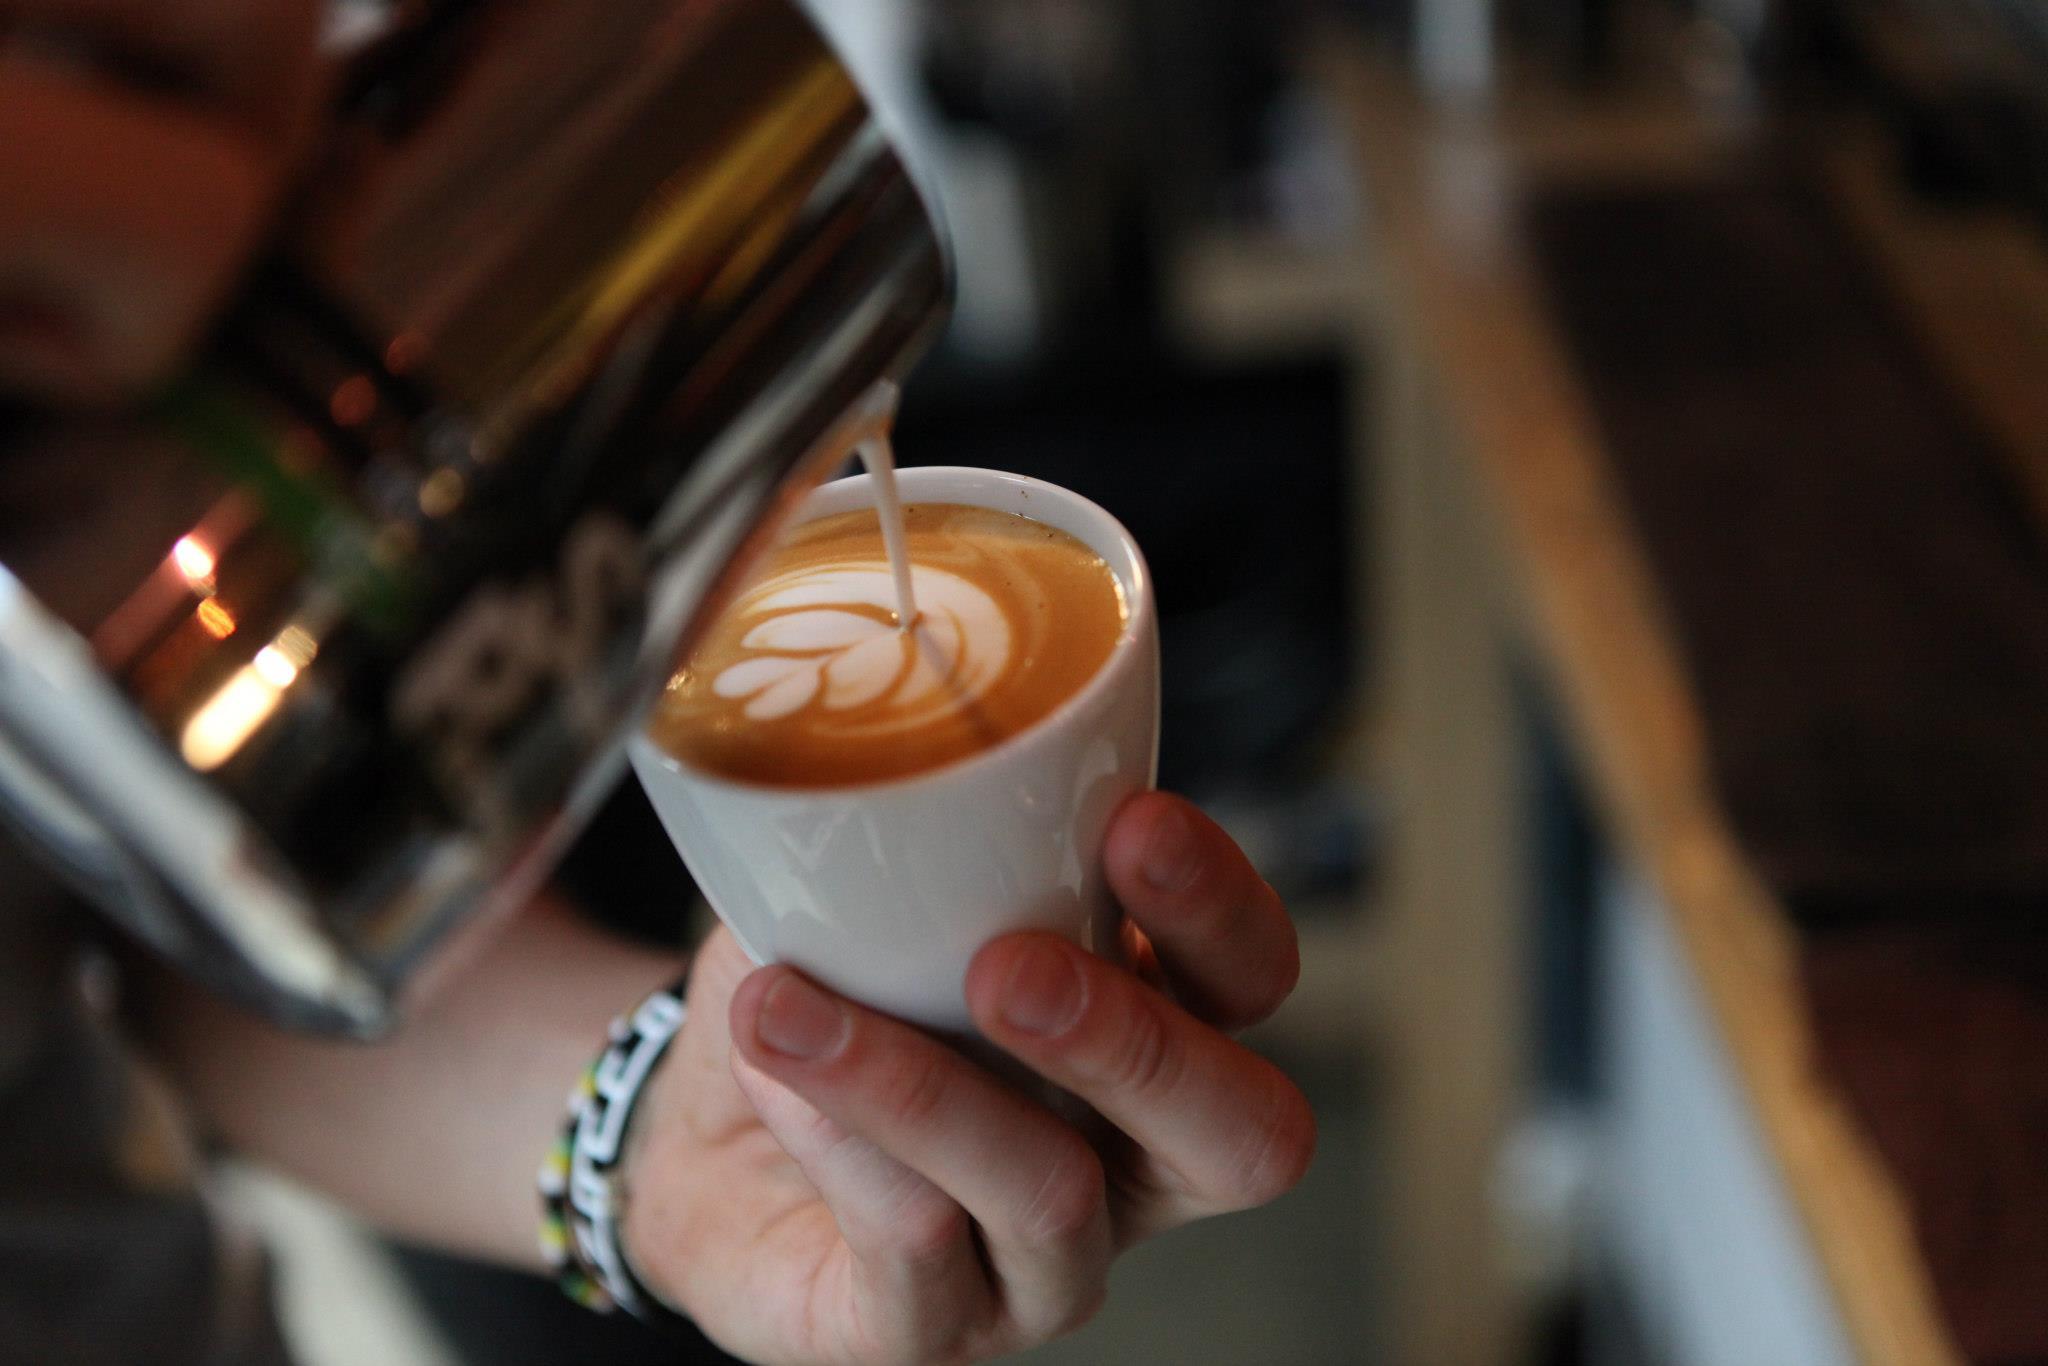 latte_art-1429782152.jpg